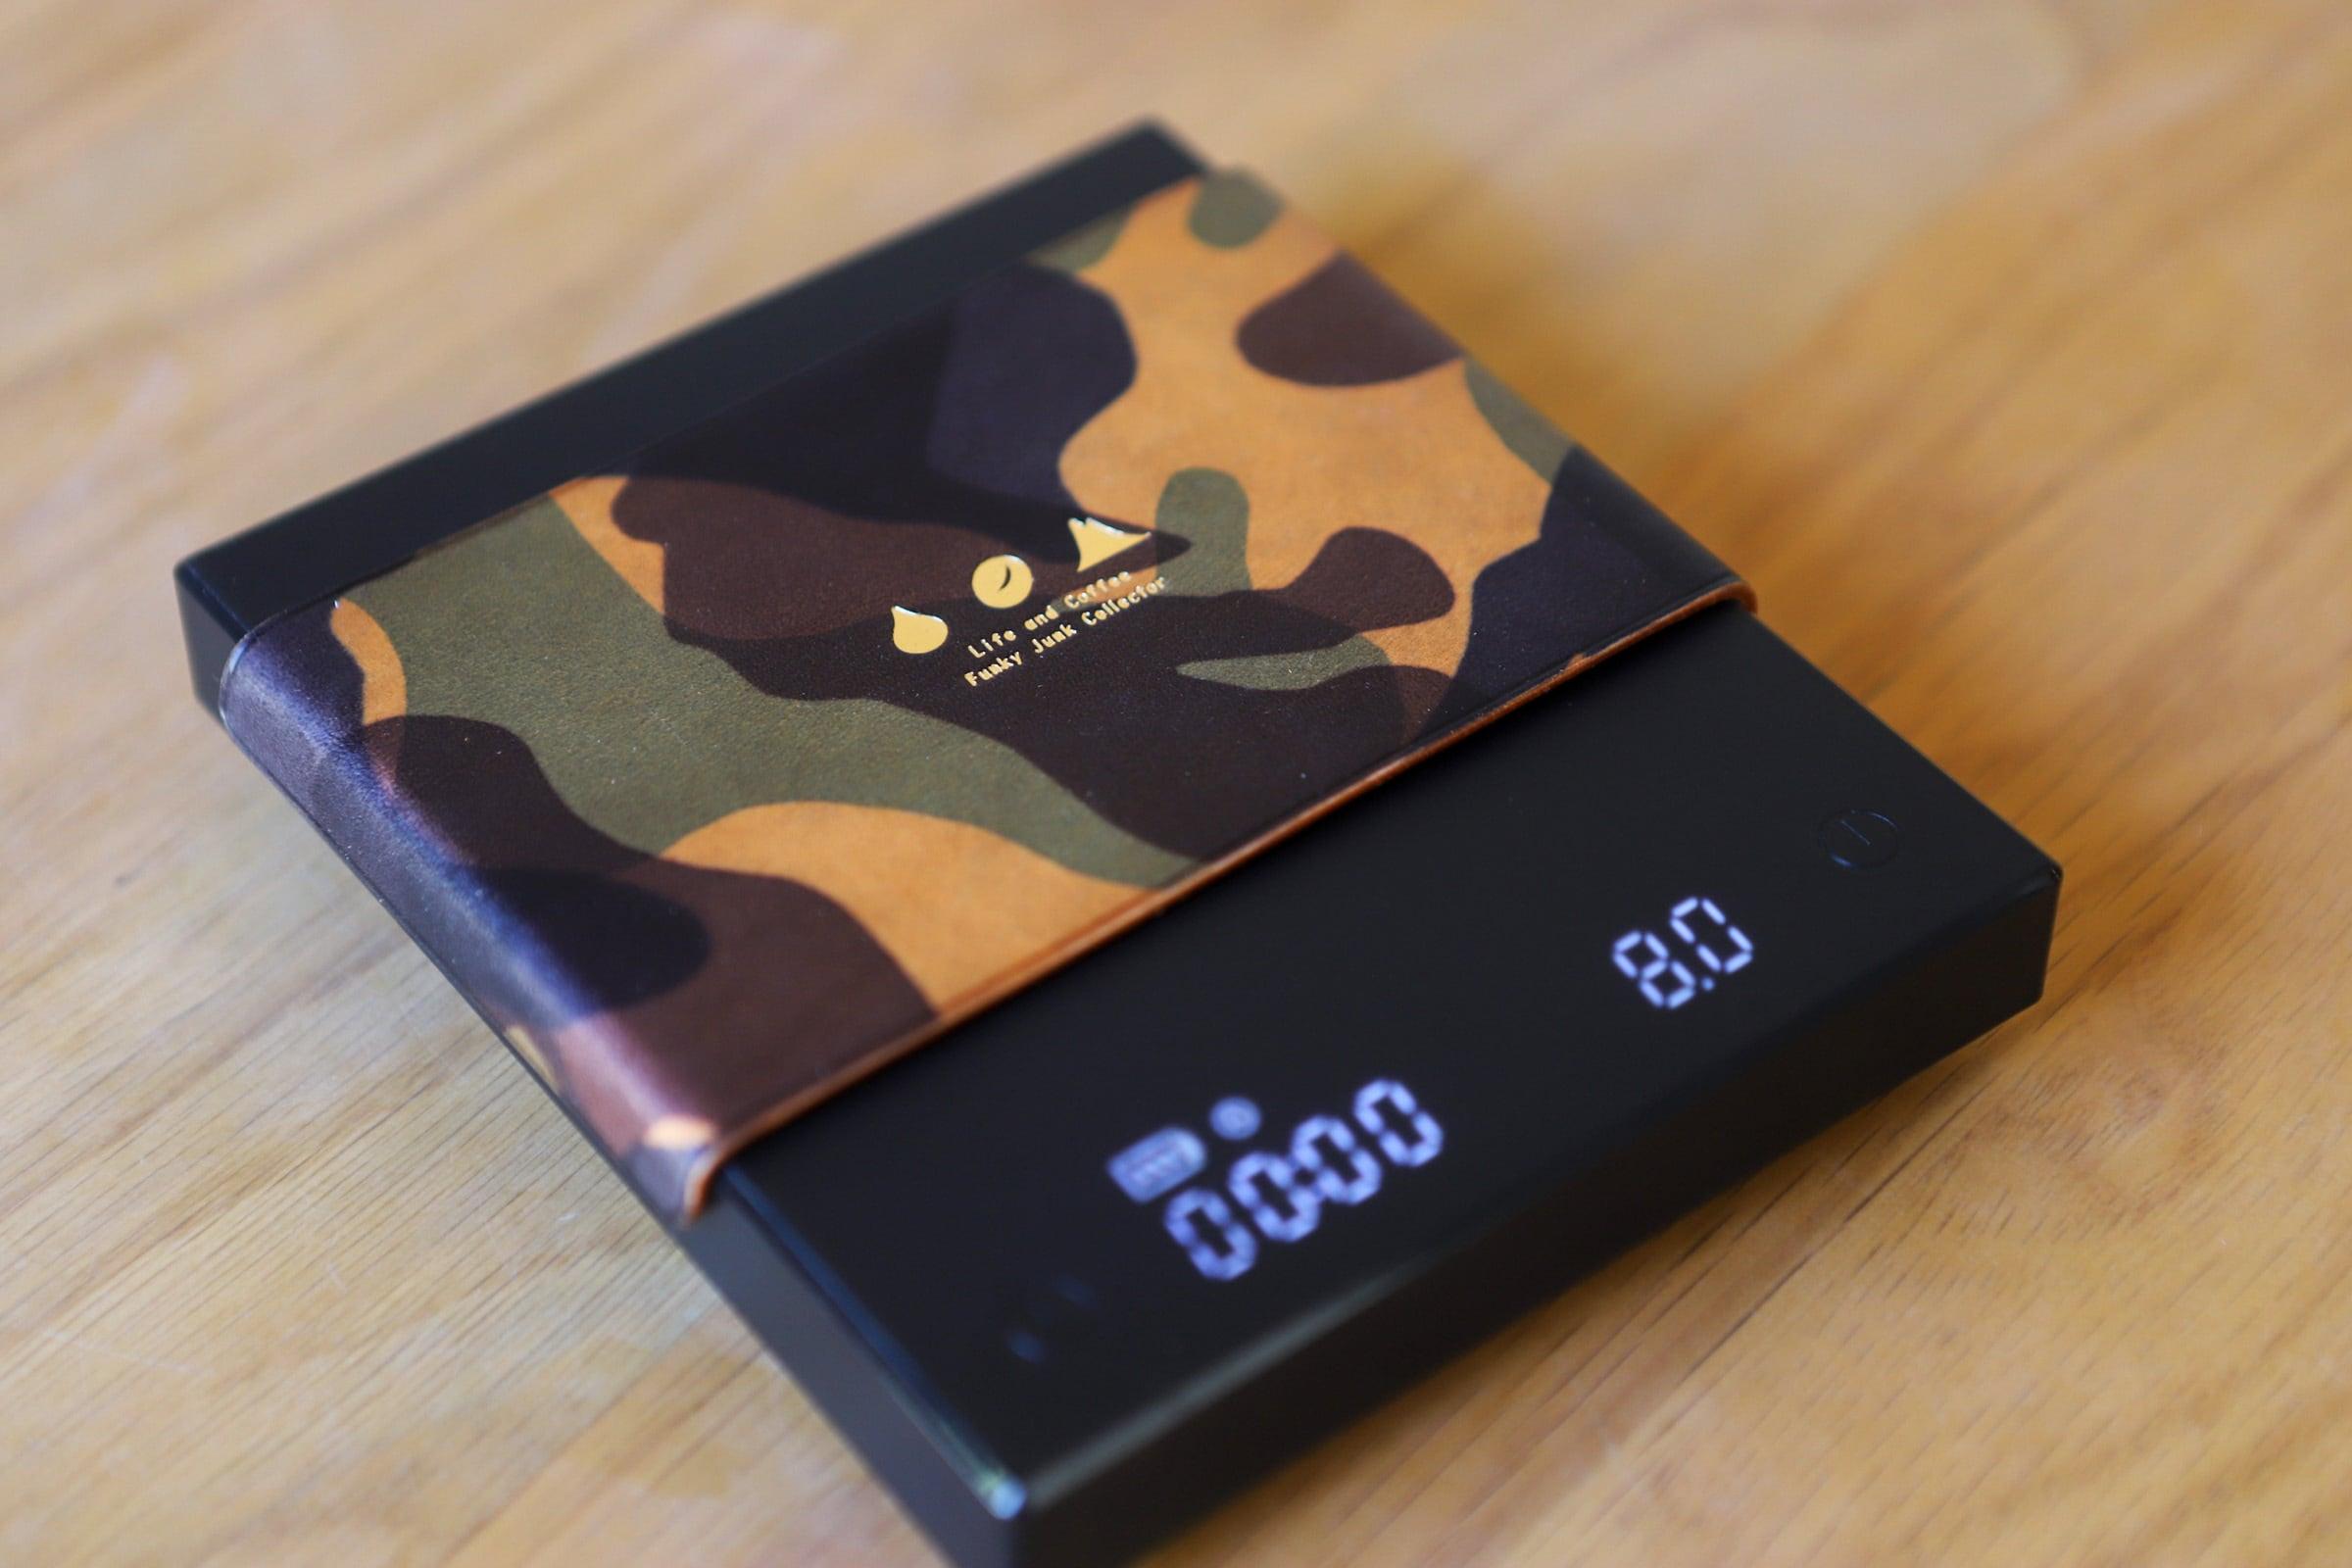 コーヒースケールカバー(オレンジ迷彩柄)TIMEMORE  BLACK MIRROR basic+ 用